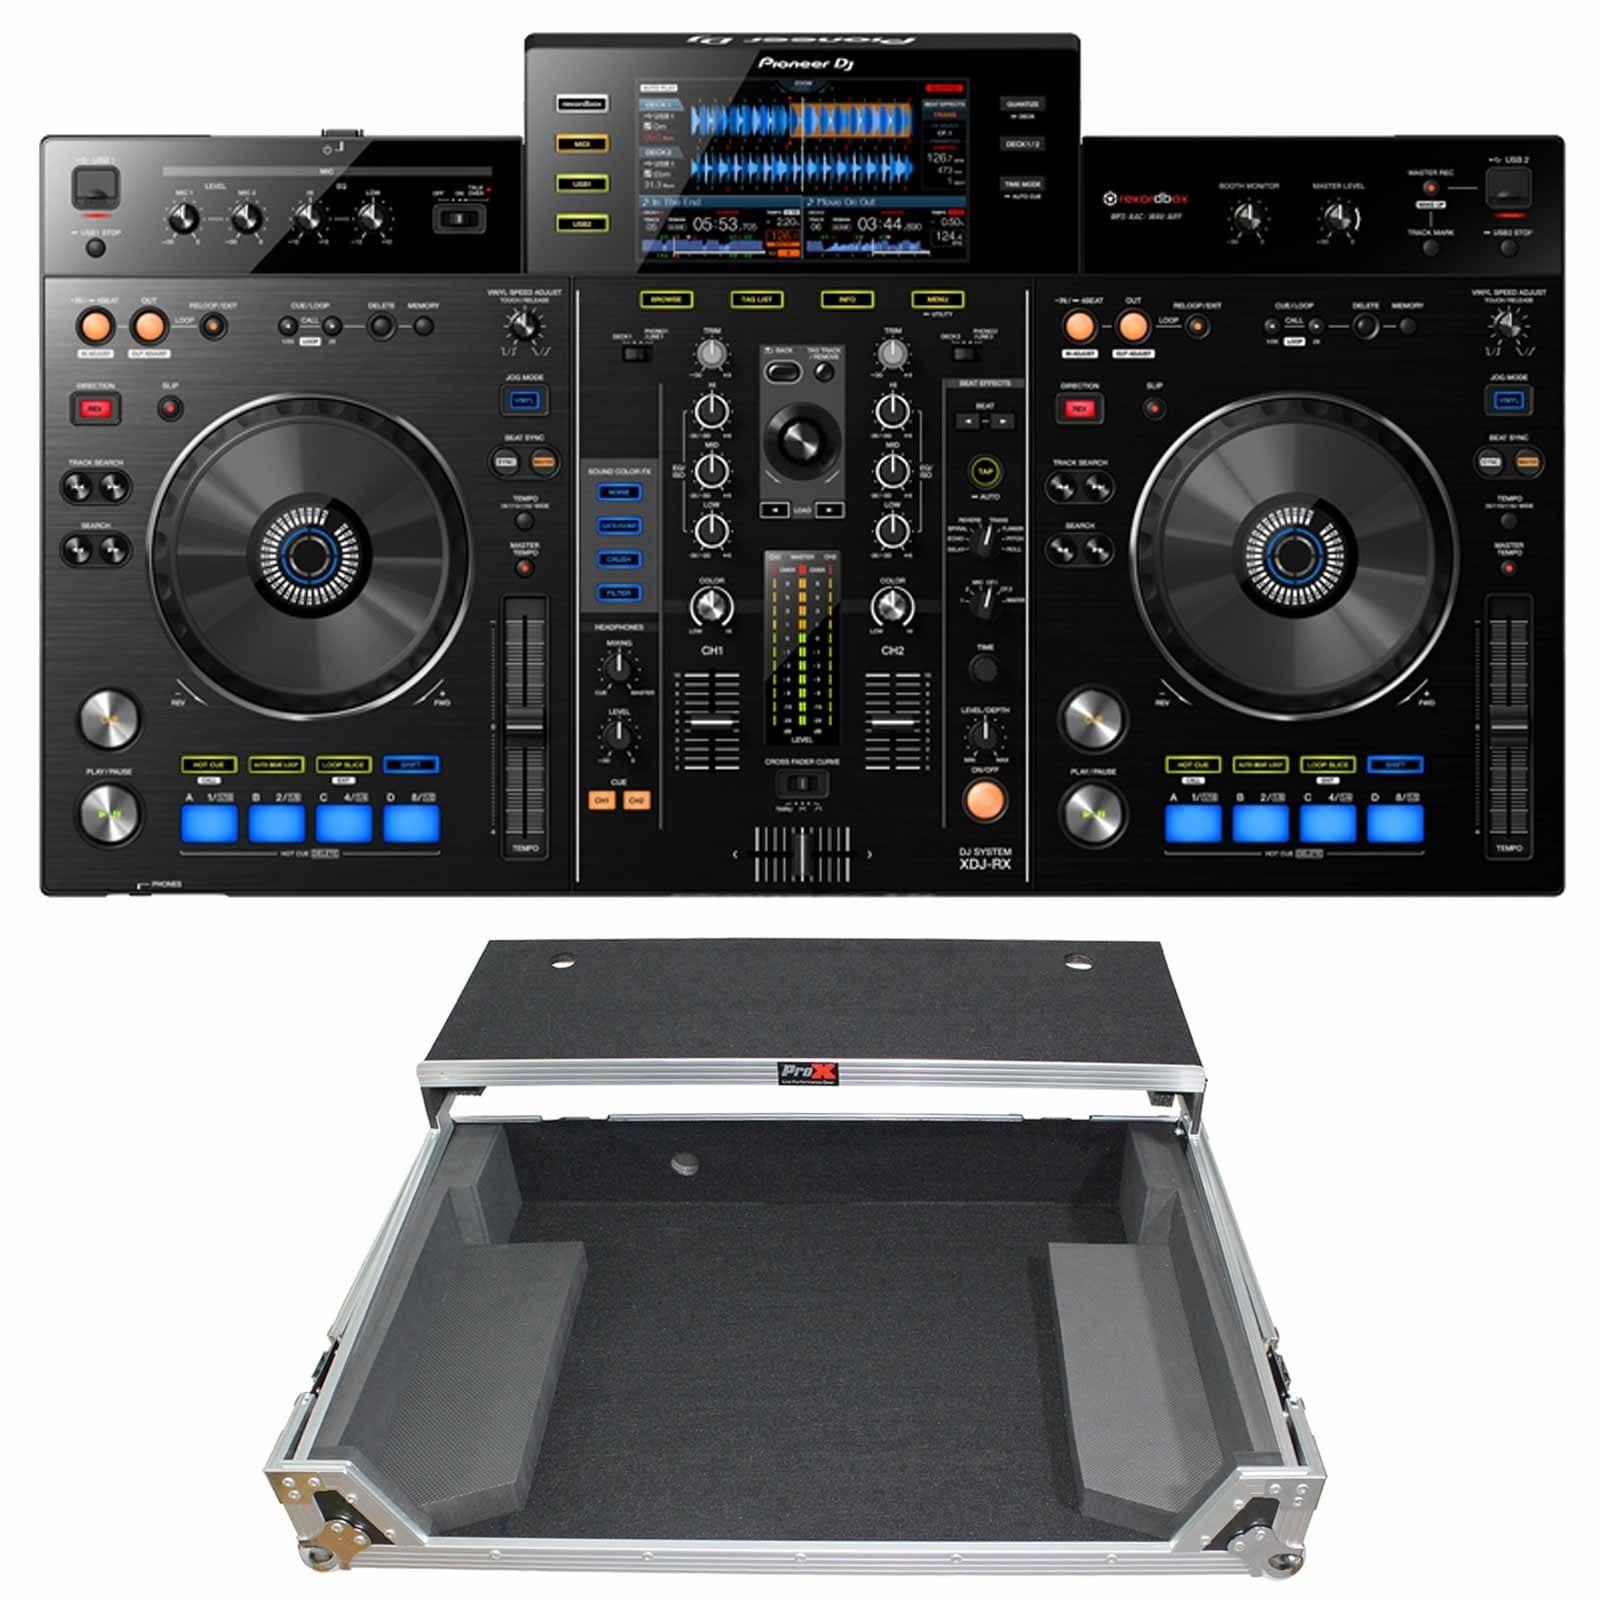 pioneer-dj-xdj-rx-rekordbox-dj-system-ata-case-package-c06-1.jpg